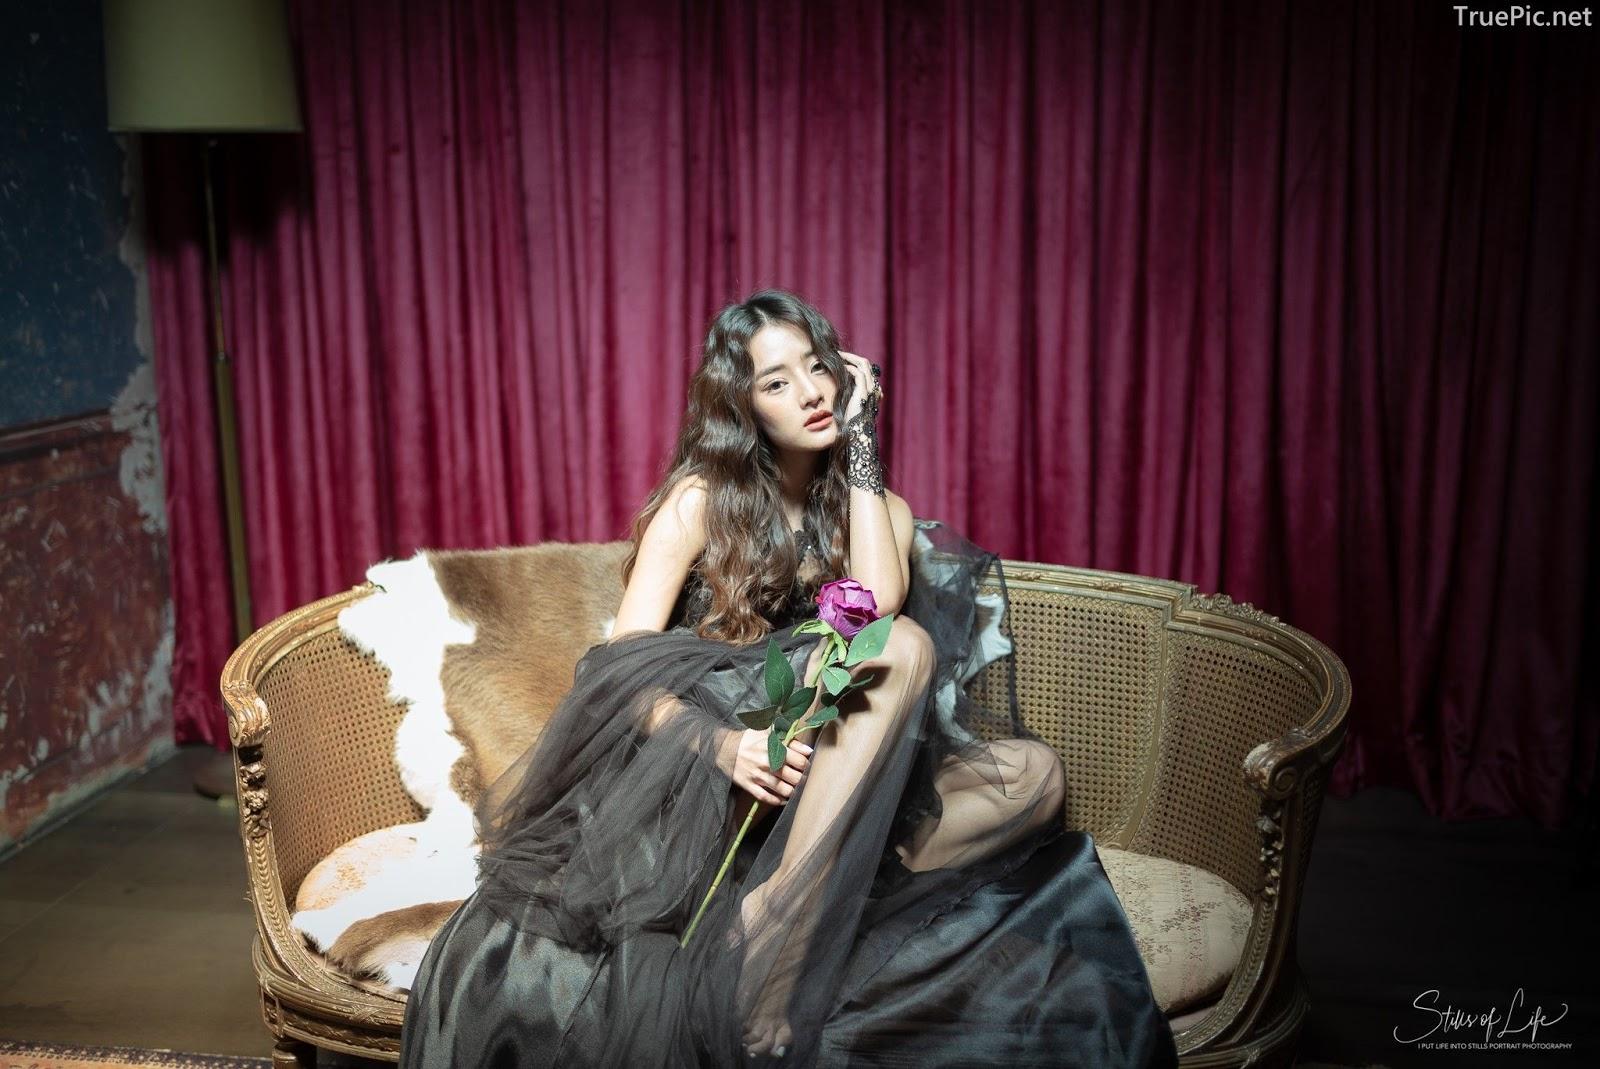 Thailand model - Phakaporn Lertchamchongkul - Hate Valentine (Black Angle)